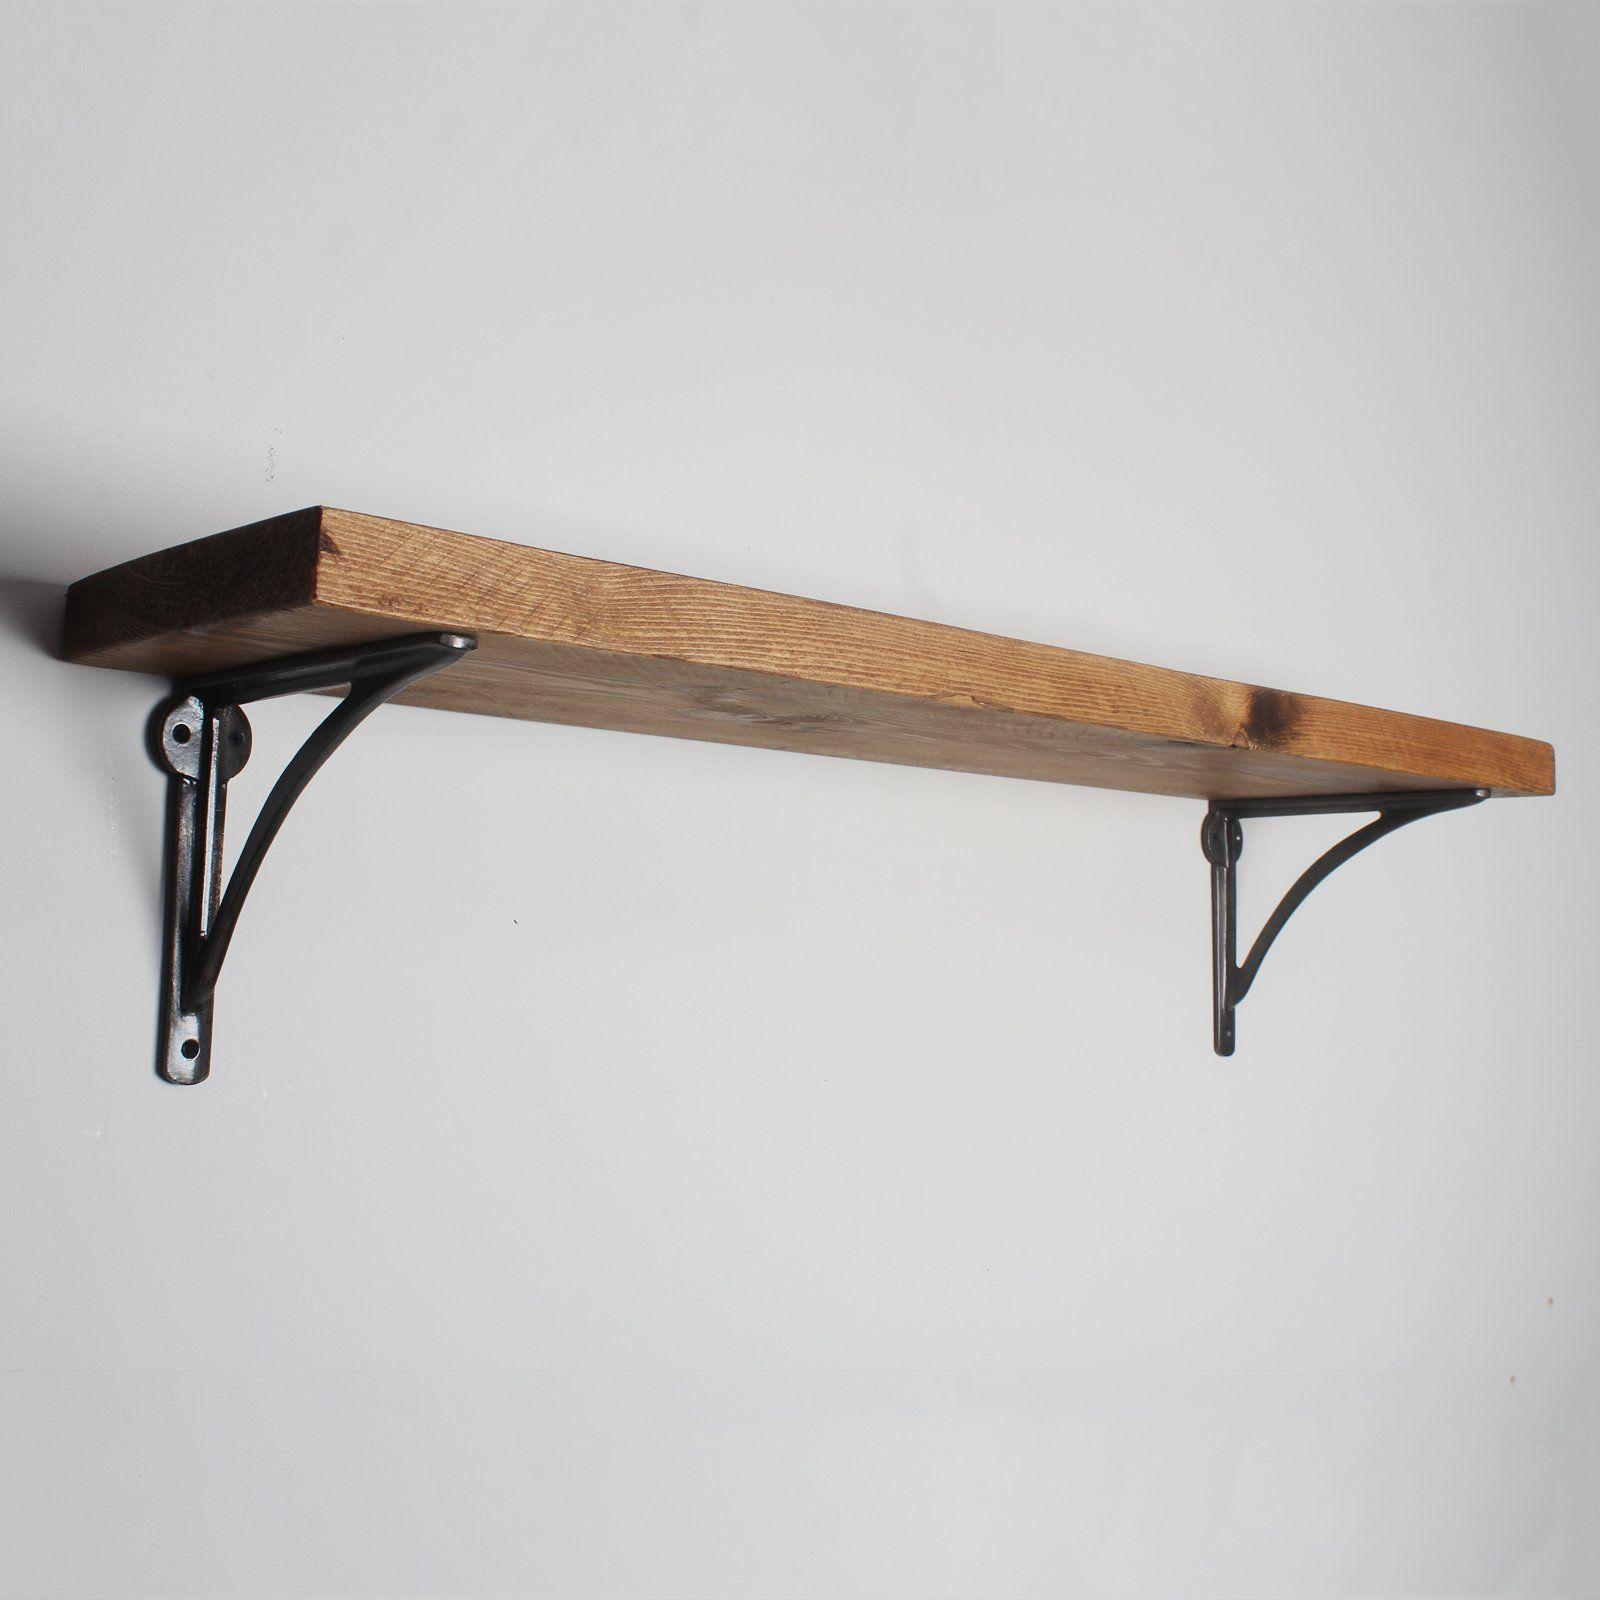 Made in UK. Heavy duty brackets included Industrial//Urban Scaffold Board Shelf